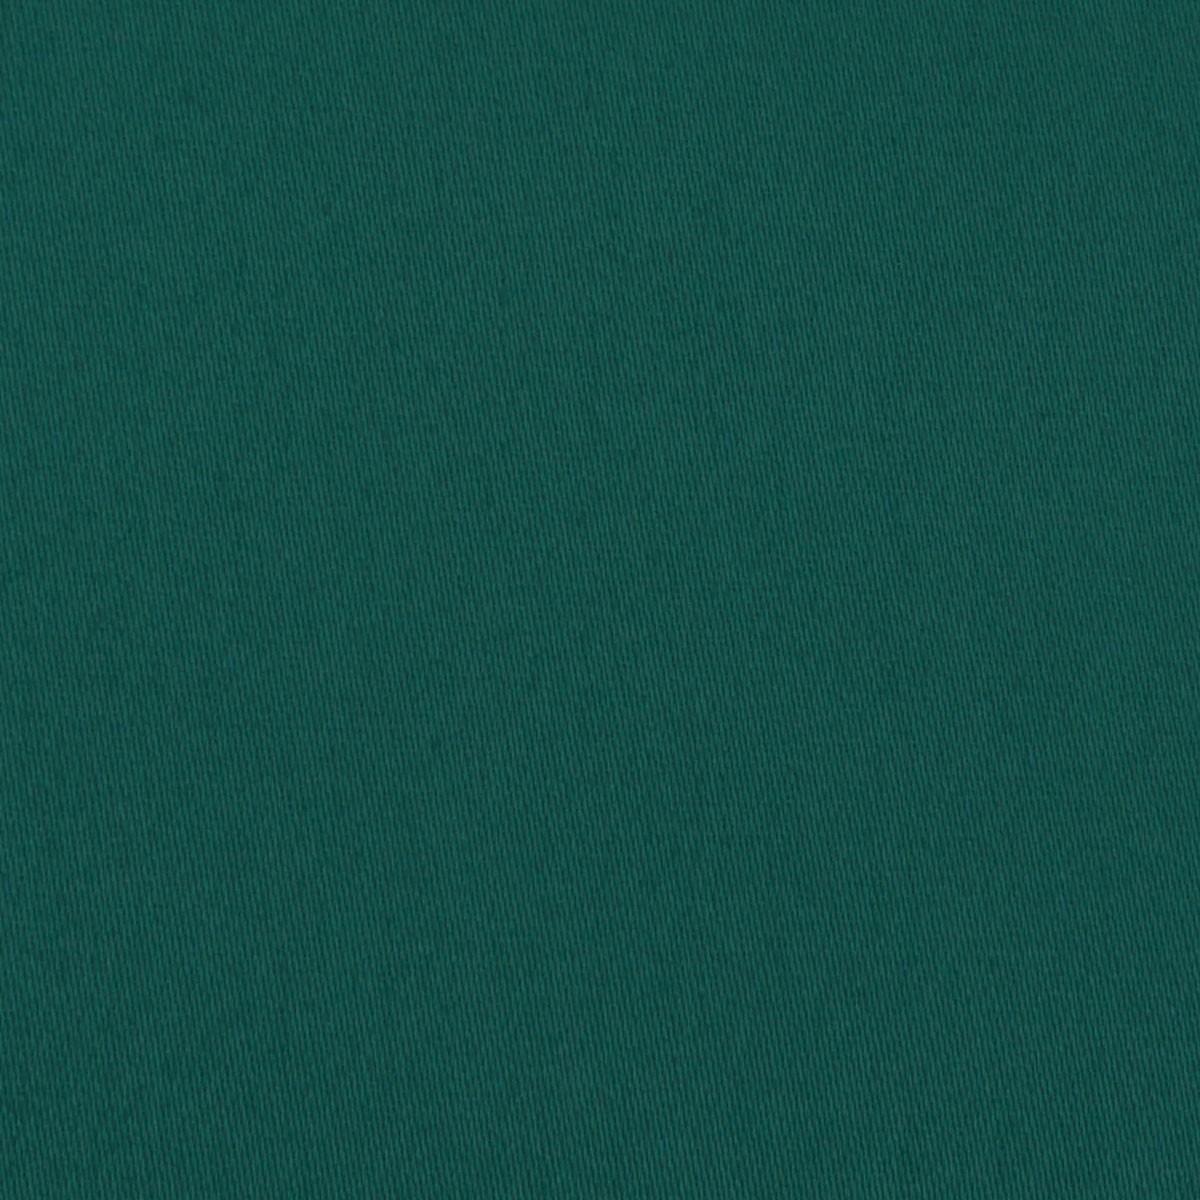 Baumwolle Stoff Meterware Baumwolle Satin Spandex petrol 1,45m Breite